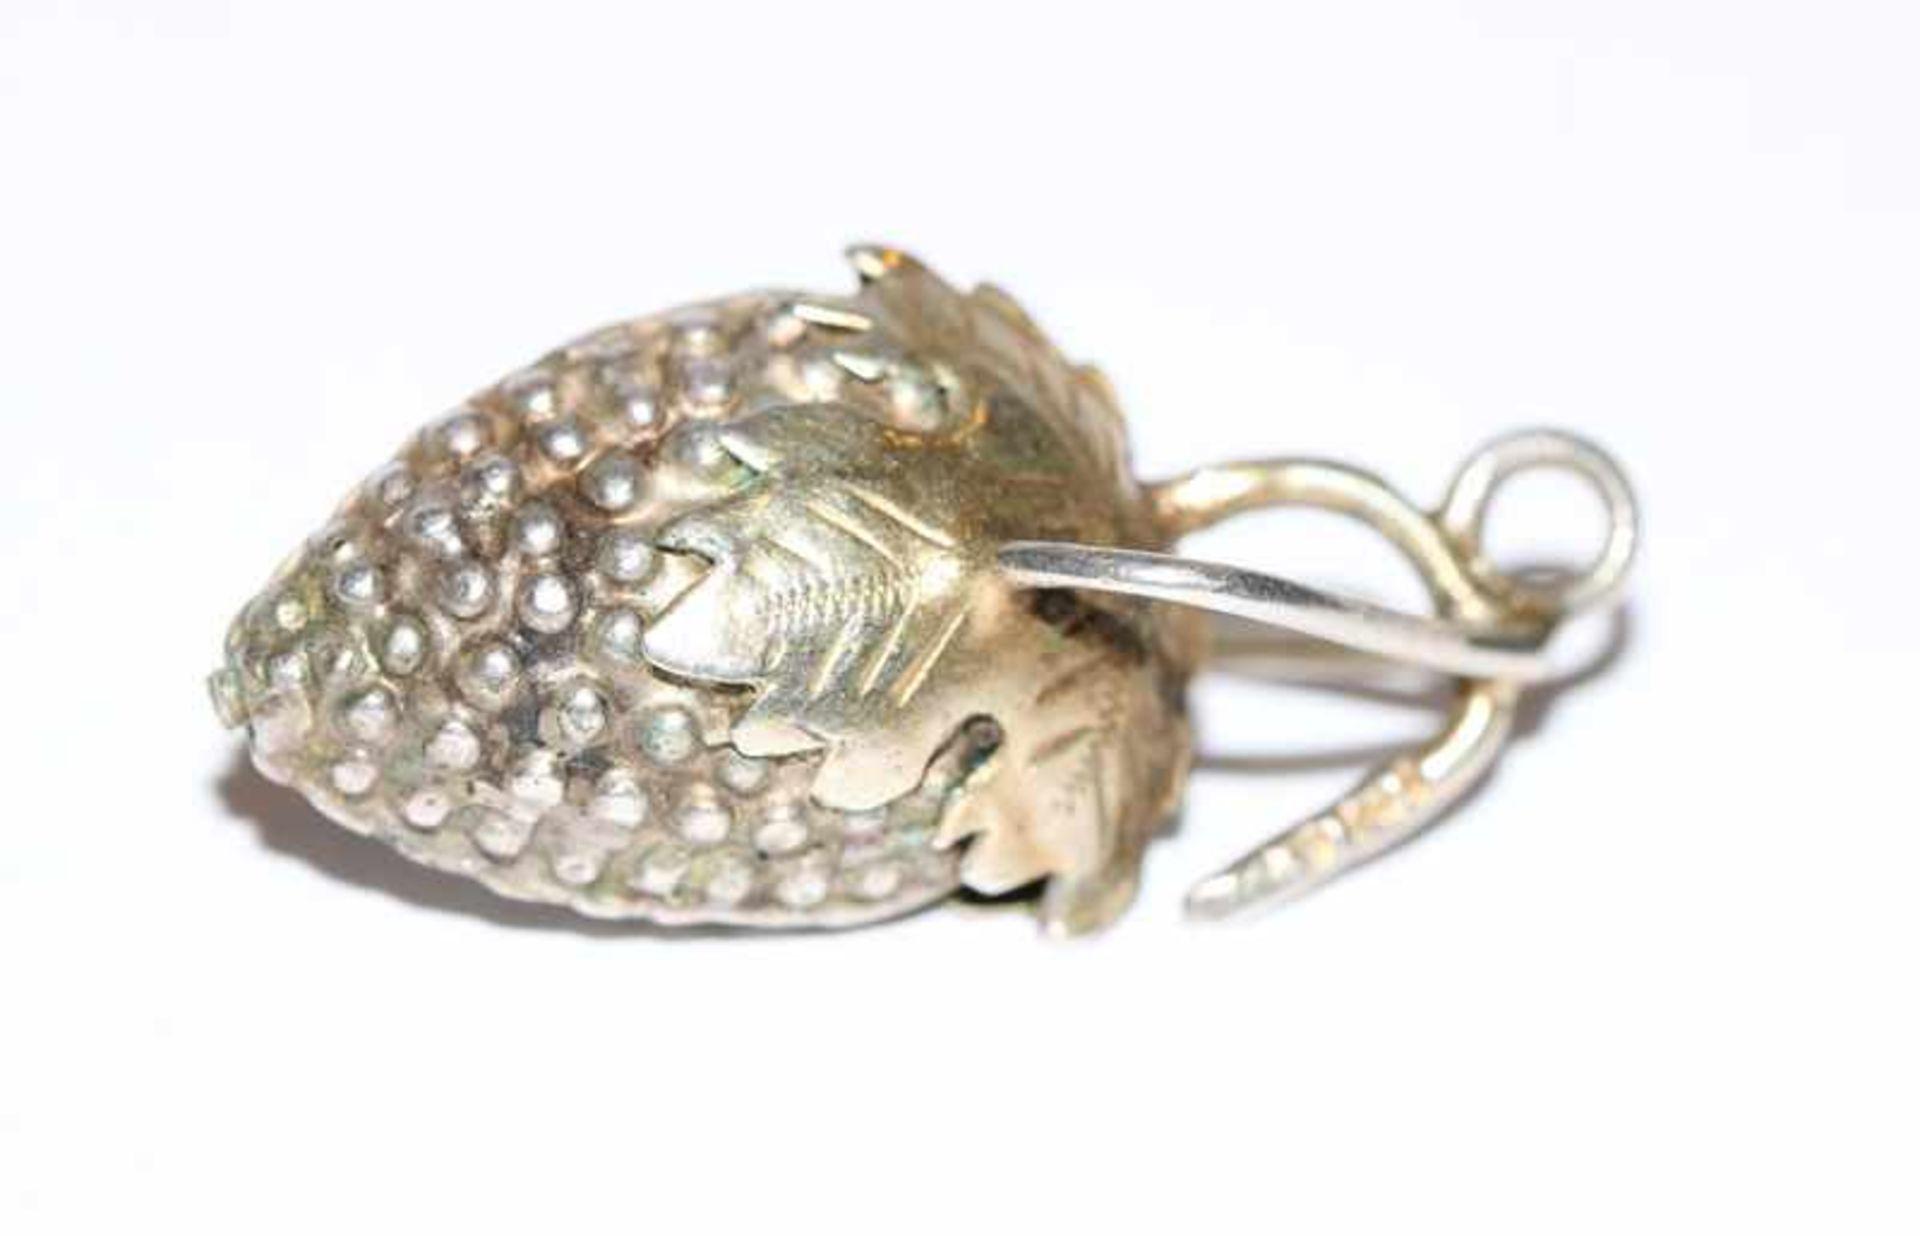 Los 19 - Silber Trachten-Anhänger 'Traube', Augsburg 13 Lot Silber, L 3,5 cm